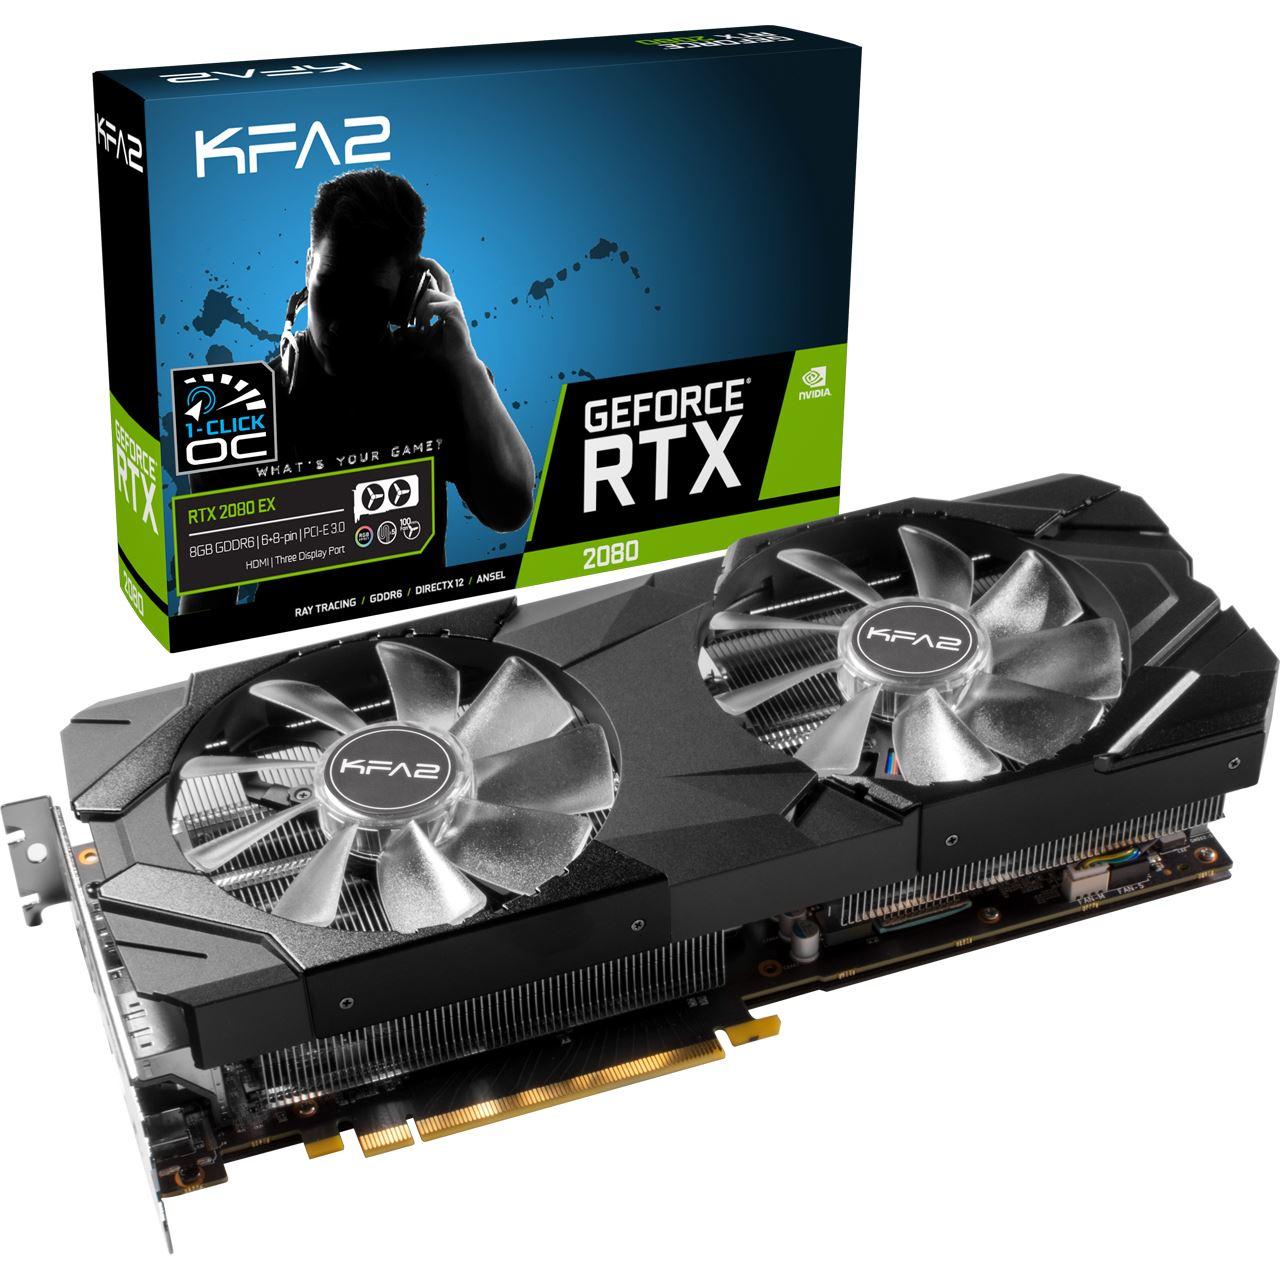 8GB KFA2 GeForce RTX 2080 EX (1-Click OC) Aktiv PCIe 3.0 x16 (Retail)